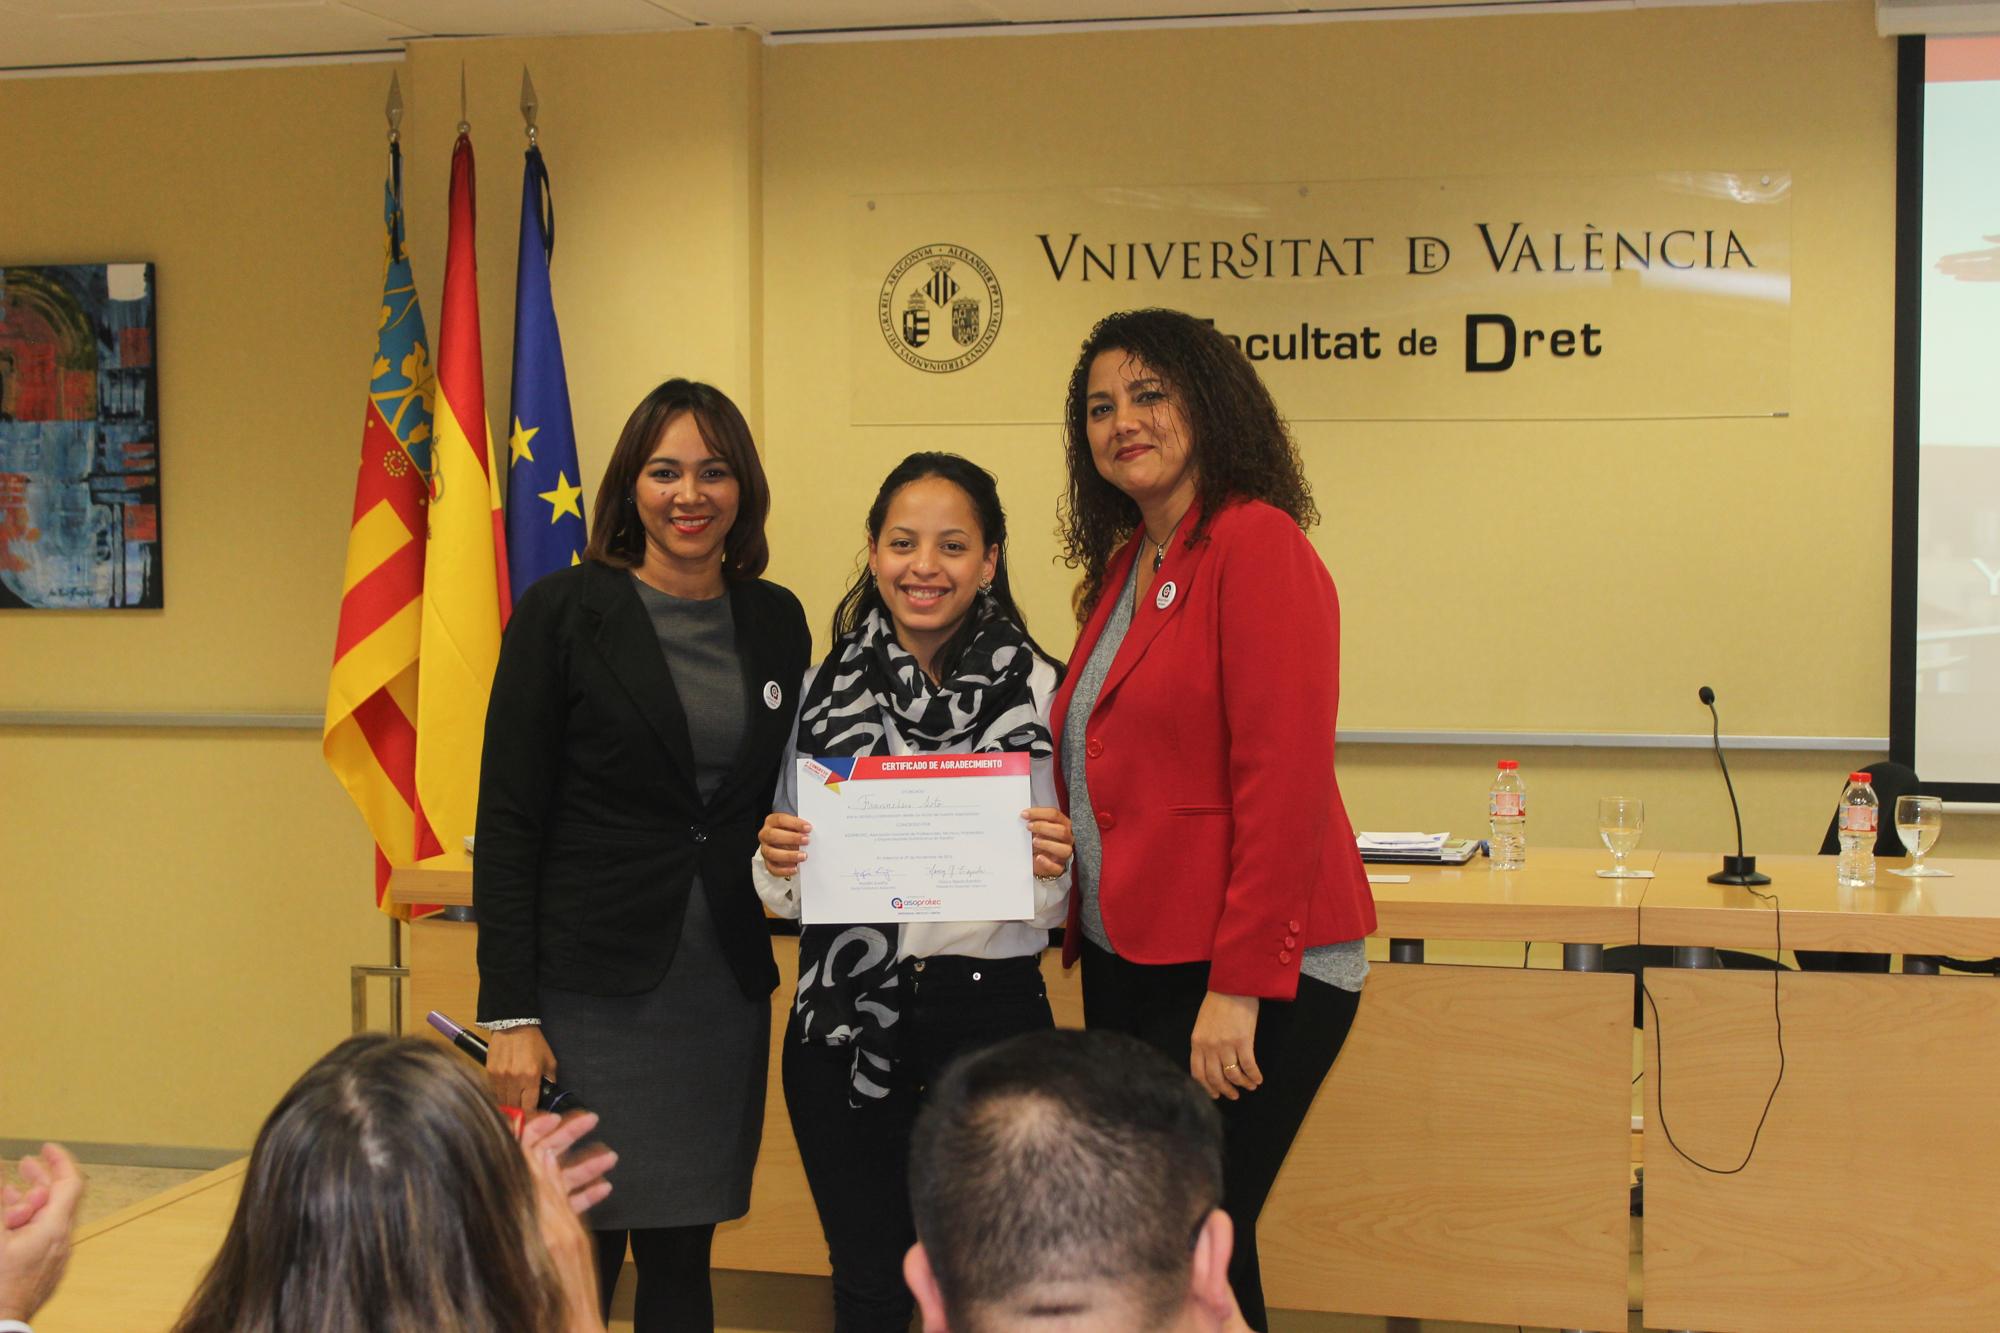 Asoprotec hace entrega de reconocimiento a Nelsis Soto, Responsable del Área de Negocios e Inversiones del Consulado de la República Dominicana en Valencia.